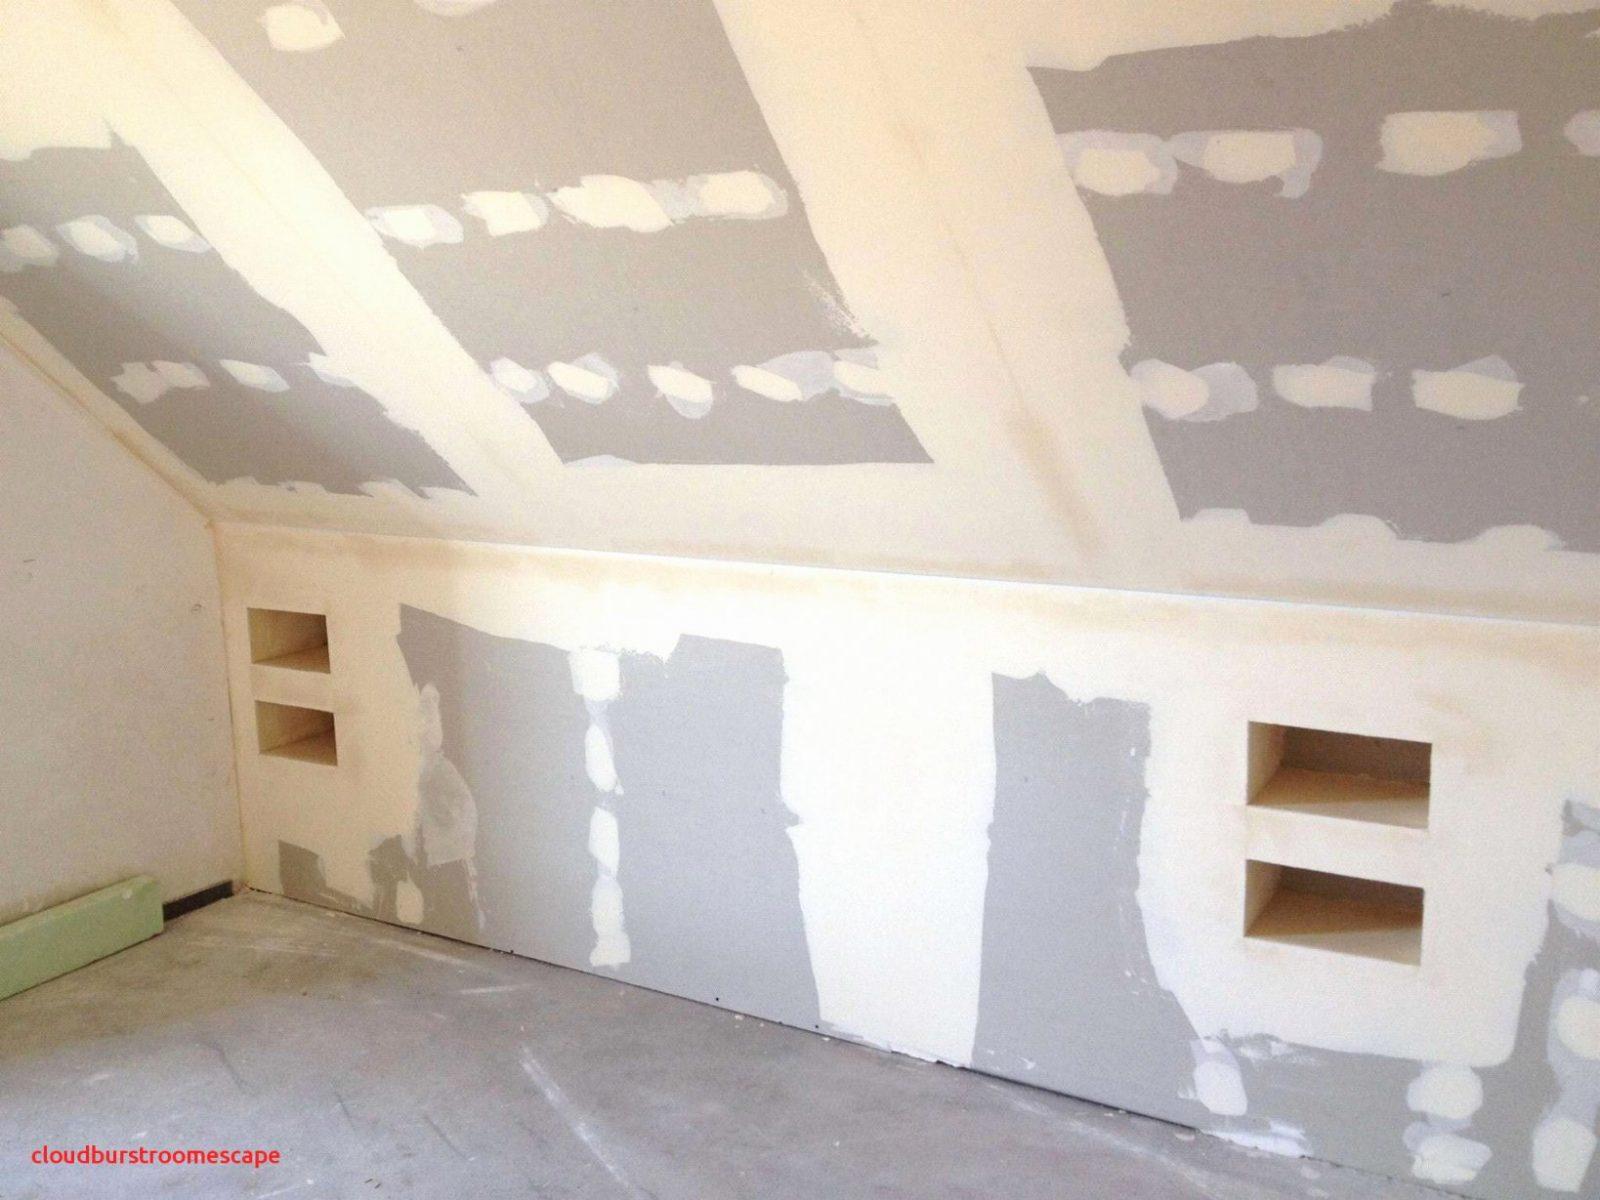 Schlafzimmer Dachschräge Farblich Gestalten Luxus Das Erstaunlich So von Schlafzimmer Mit Dachschräge Farblich Gestalten Bild